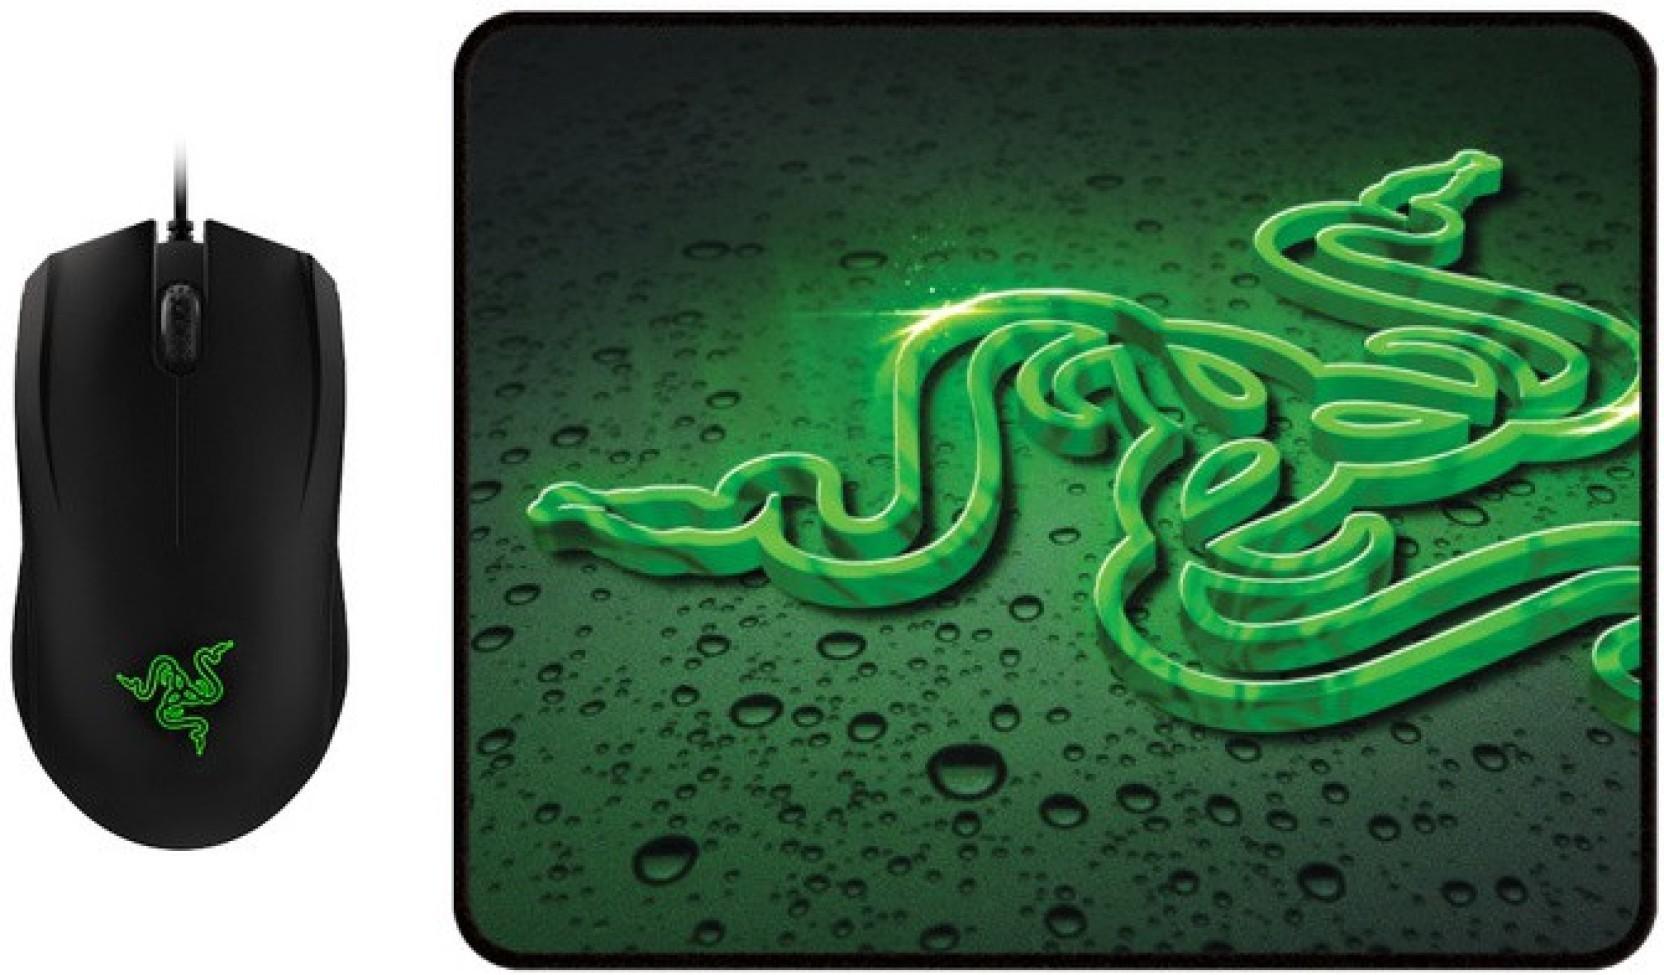 RAZER Abyssus 2000 laidinė optinė žaidimų pelė | 2000 DPI + Goliathus Speed Terra žaidimų kilimėlis 254mm